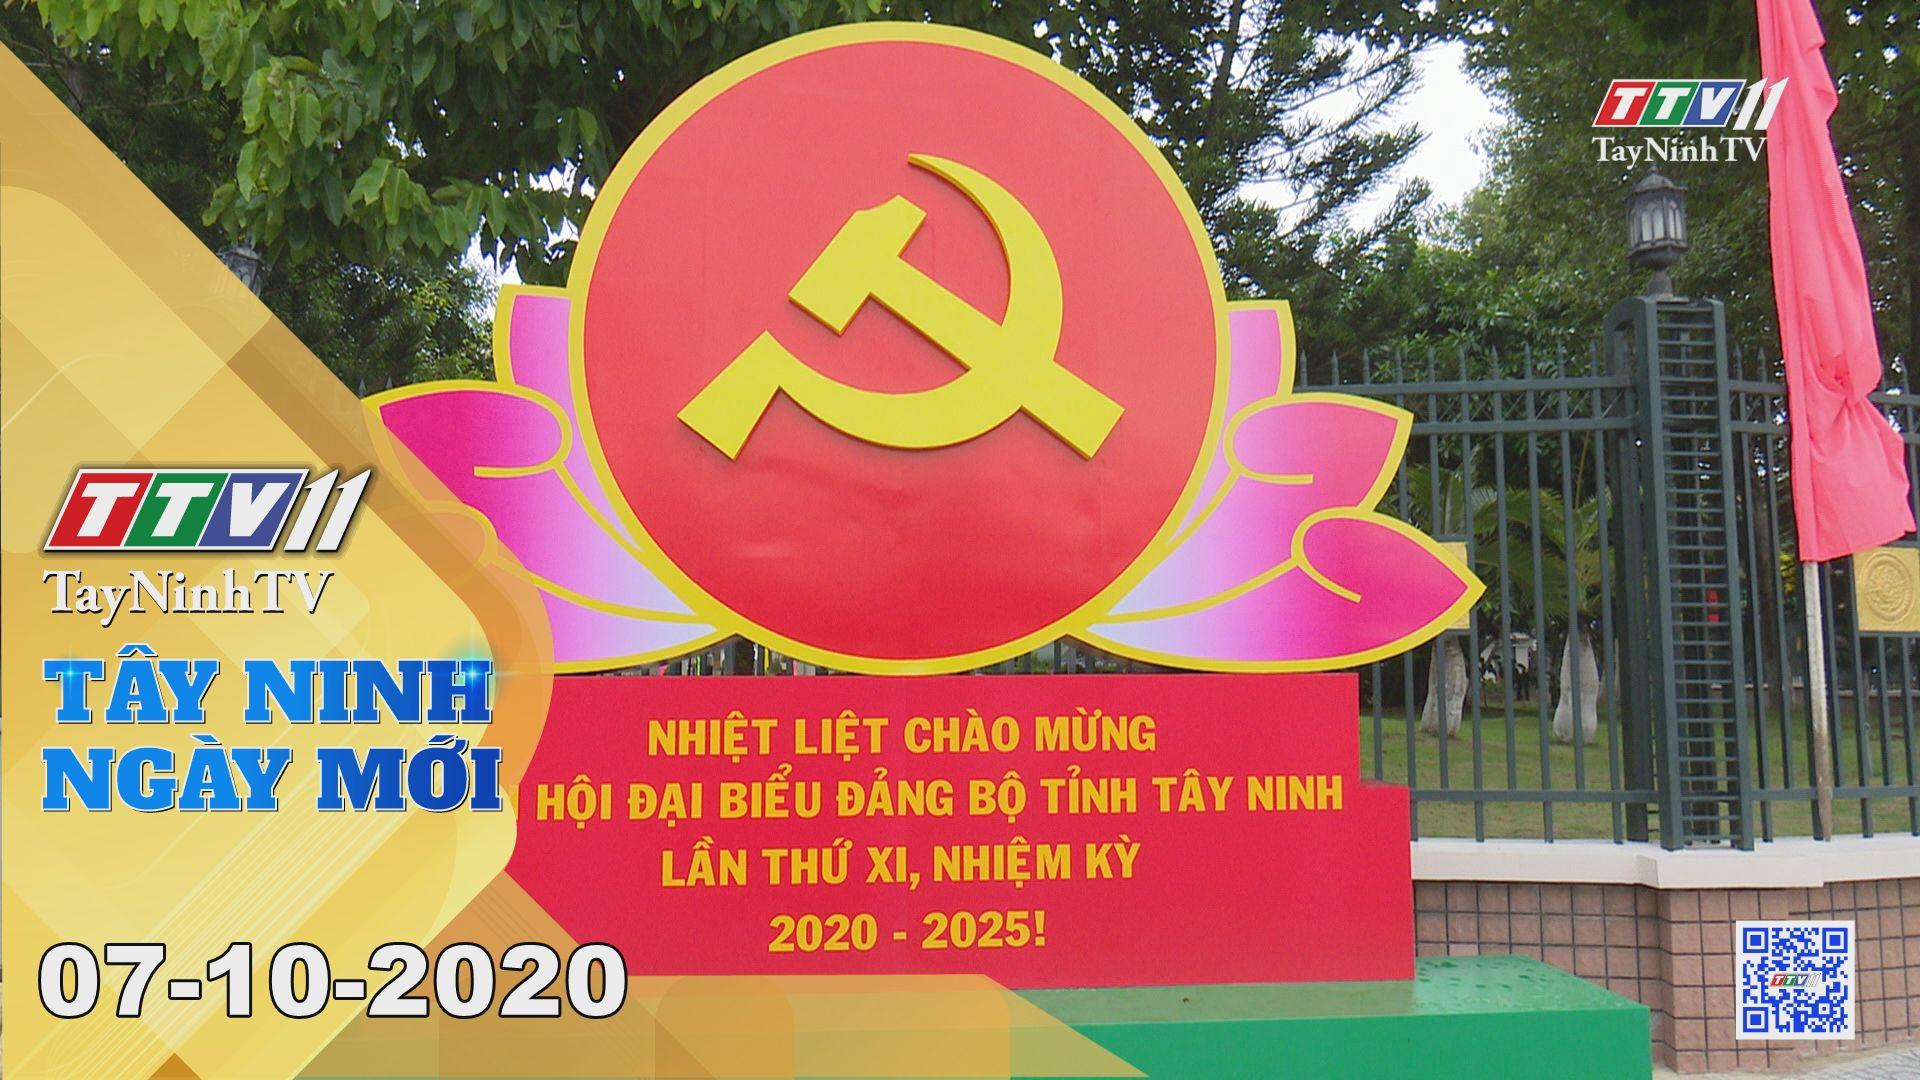 Tây Ninh Ngày Mới 07-10-2020 | Tin tức hôm nay | TayNinhTV